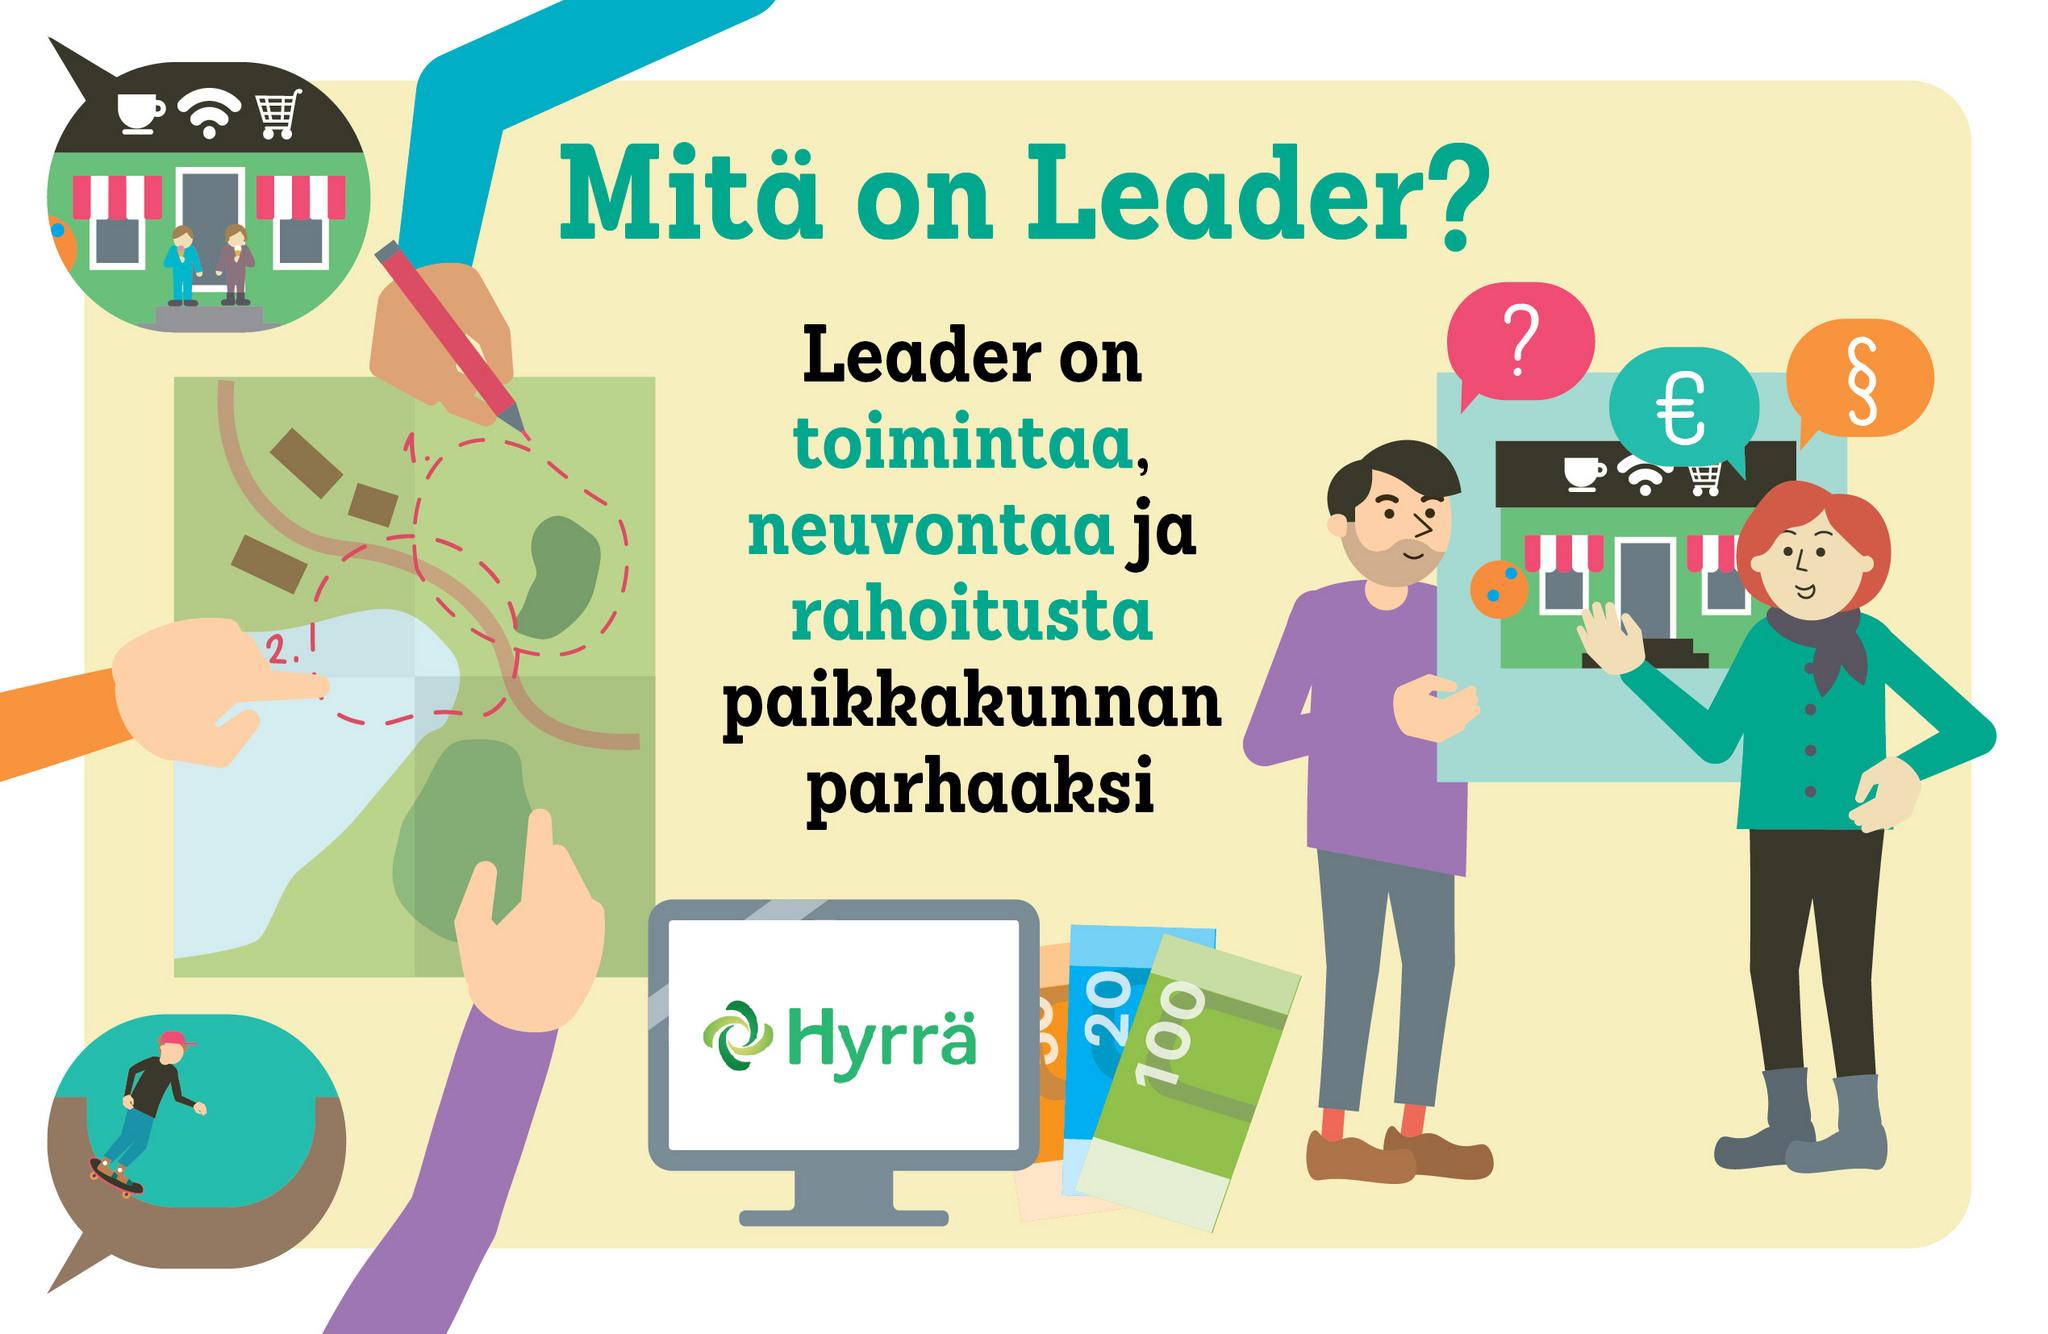 Mitä on Leader?